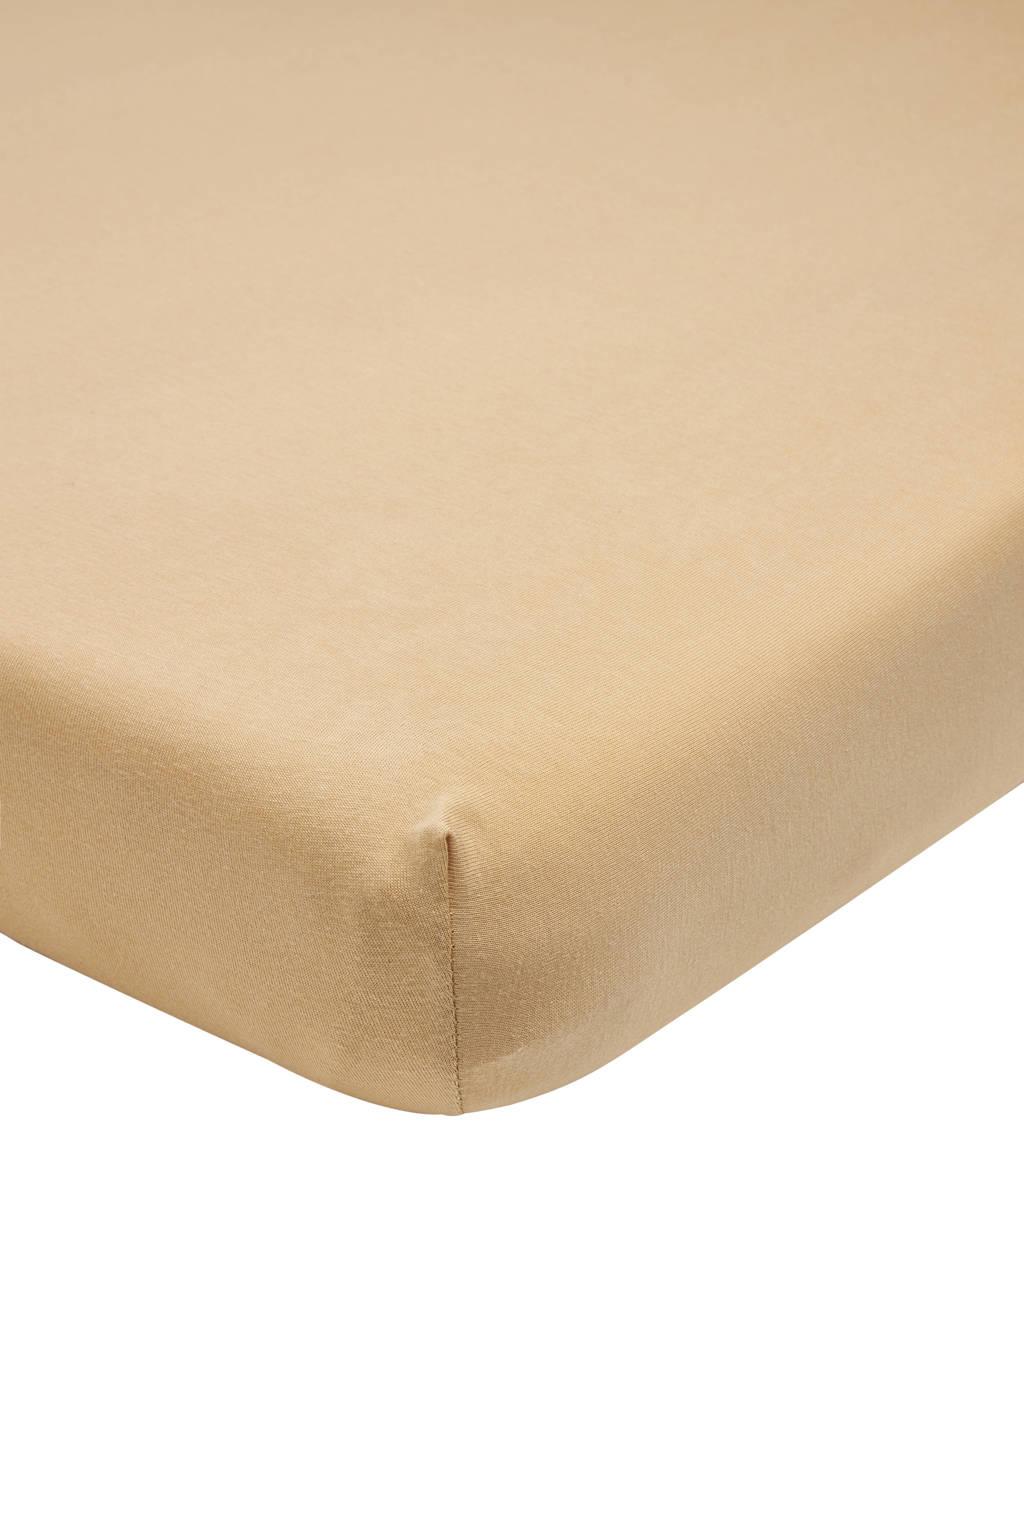 Meyco katoenen jersey hoeslaken wieg 40x80/90 cm warm sand Zand